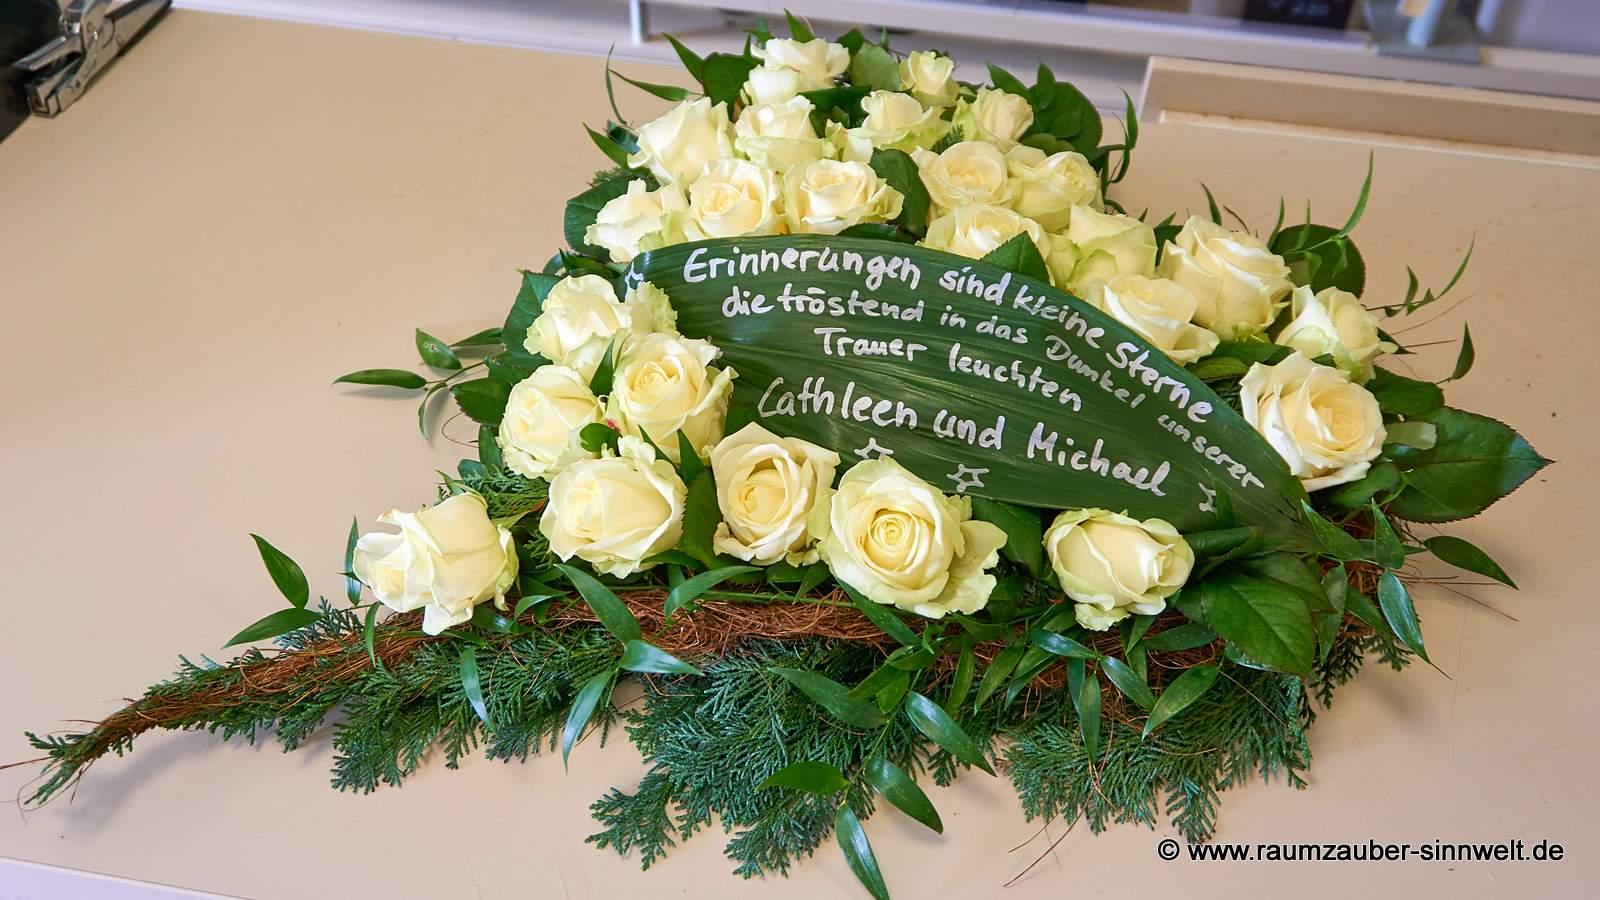 Trauerherz mit weißen Rosen